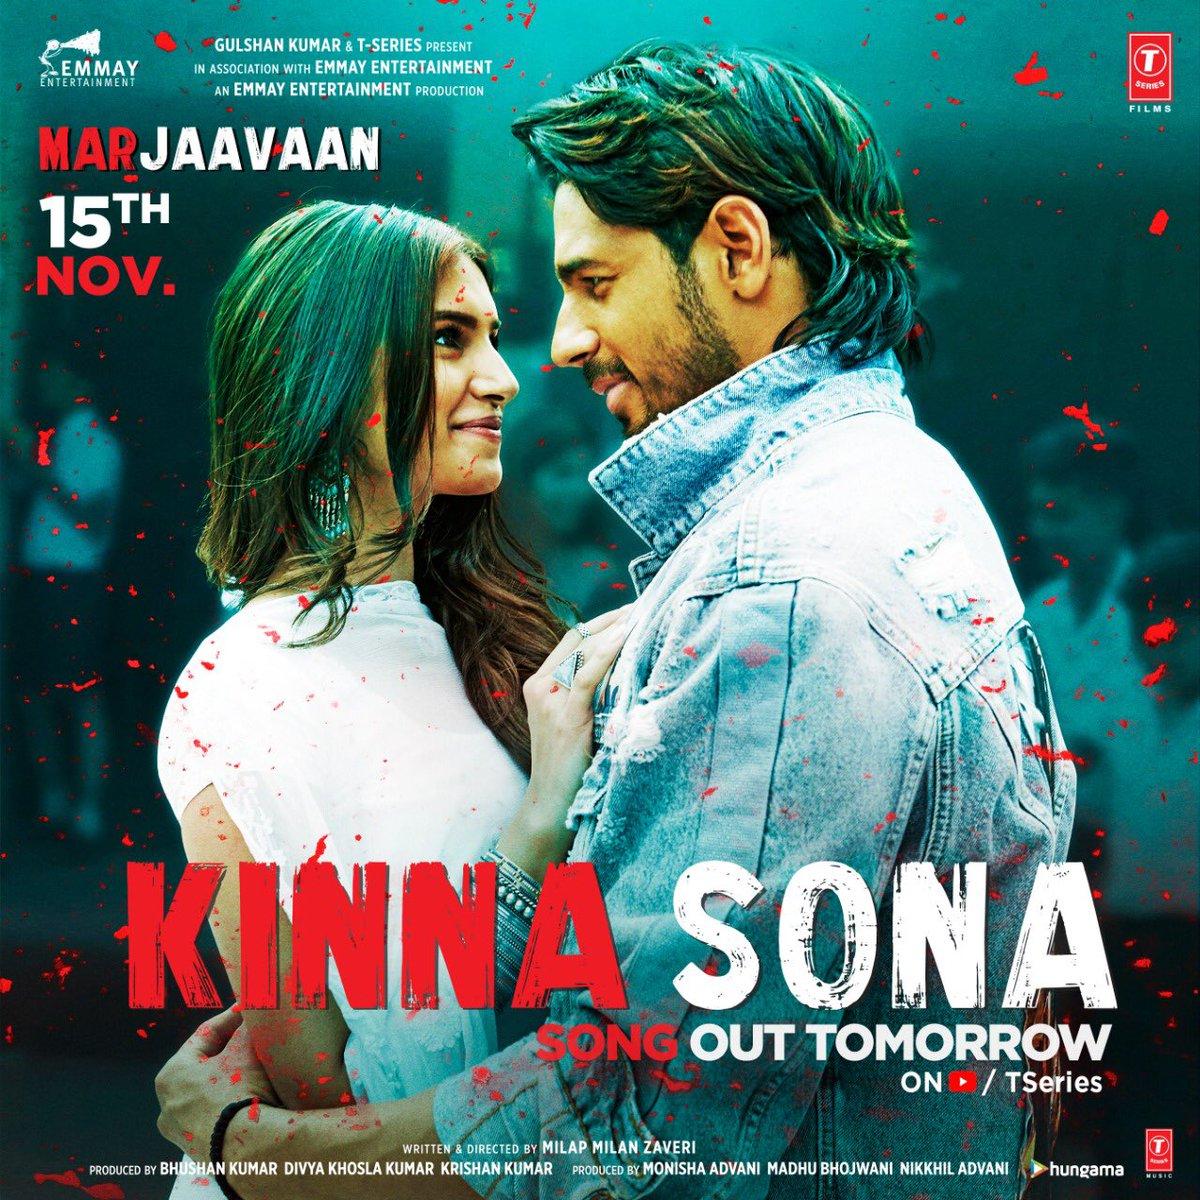 Yeh pyaar tha kinna sona, kya pata tha aage hoga rona. #KinnaSona out tomorrow!  #MarjaavaanOn15thNov  @Riteishd @SidMalhotra @Rakulpreet @meetbros @JubinNautiyal @dhvanivinod @kumaarofficial @zmilap @itsBhushanKumar #KrishanKumar @monishaadvani @madhubhojwani